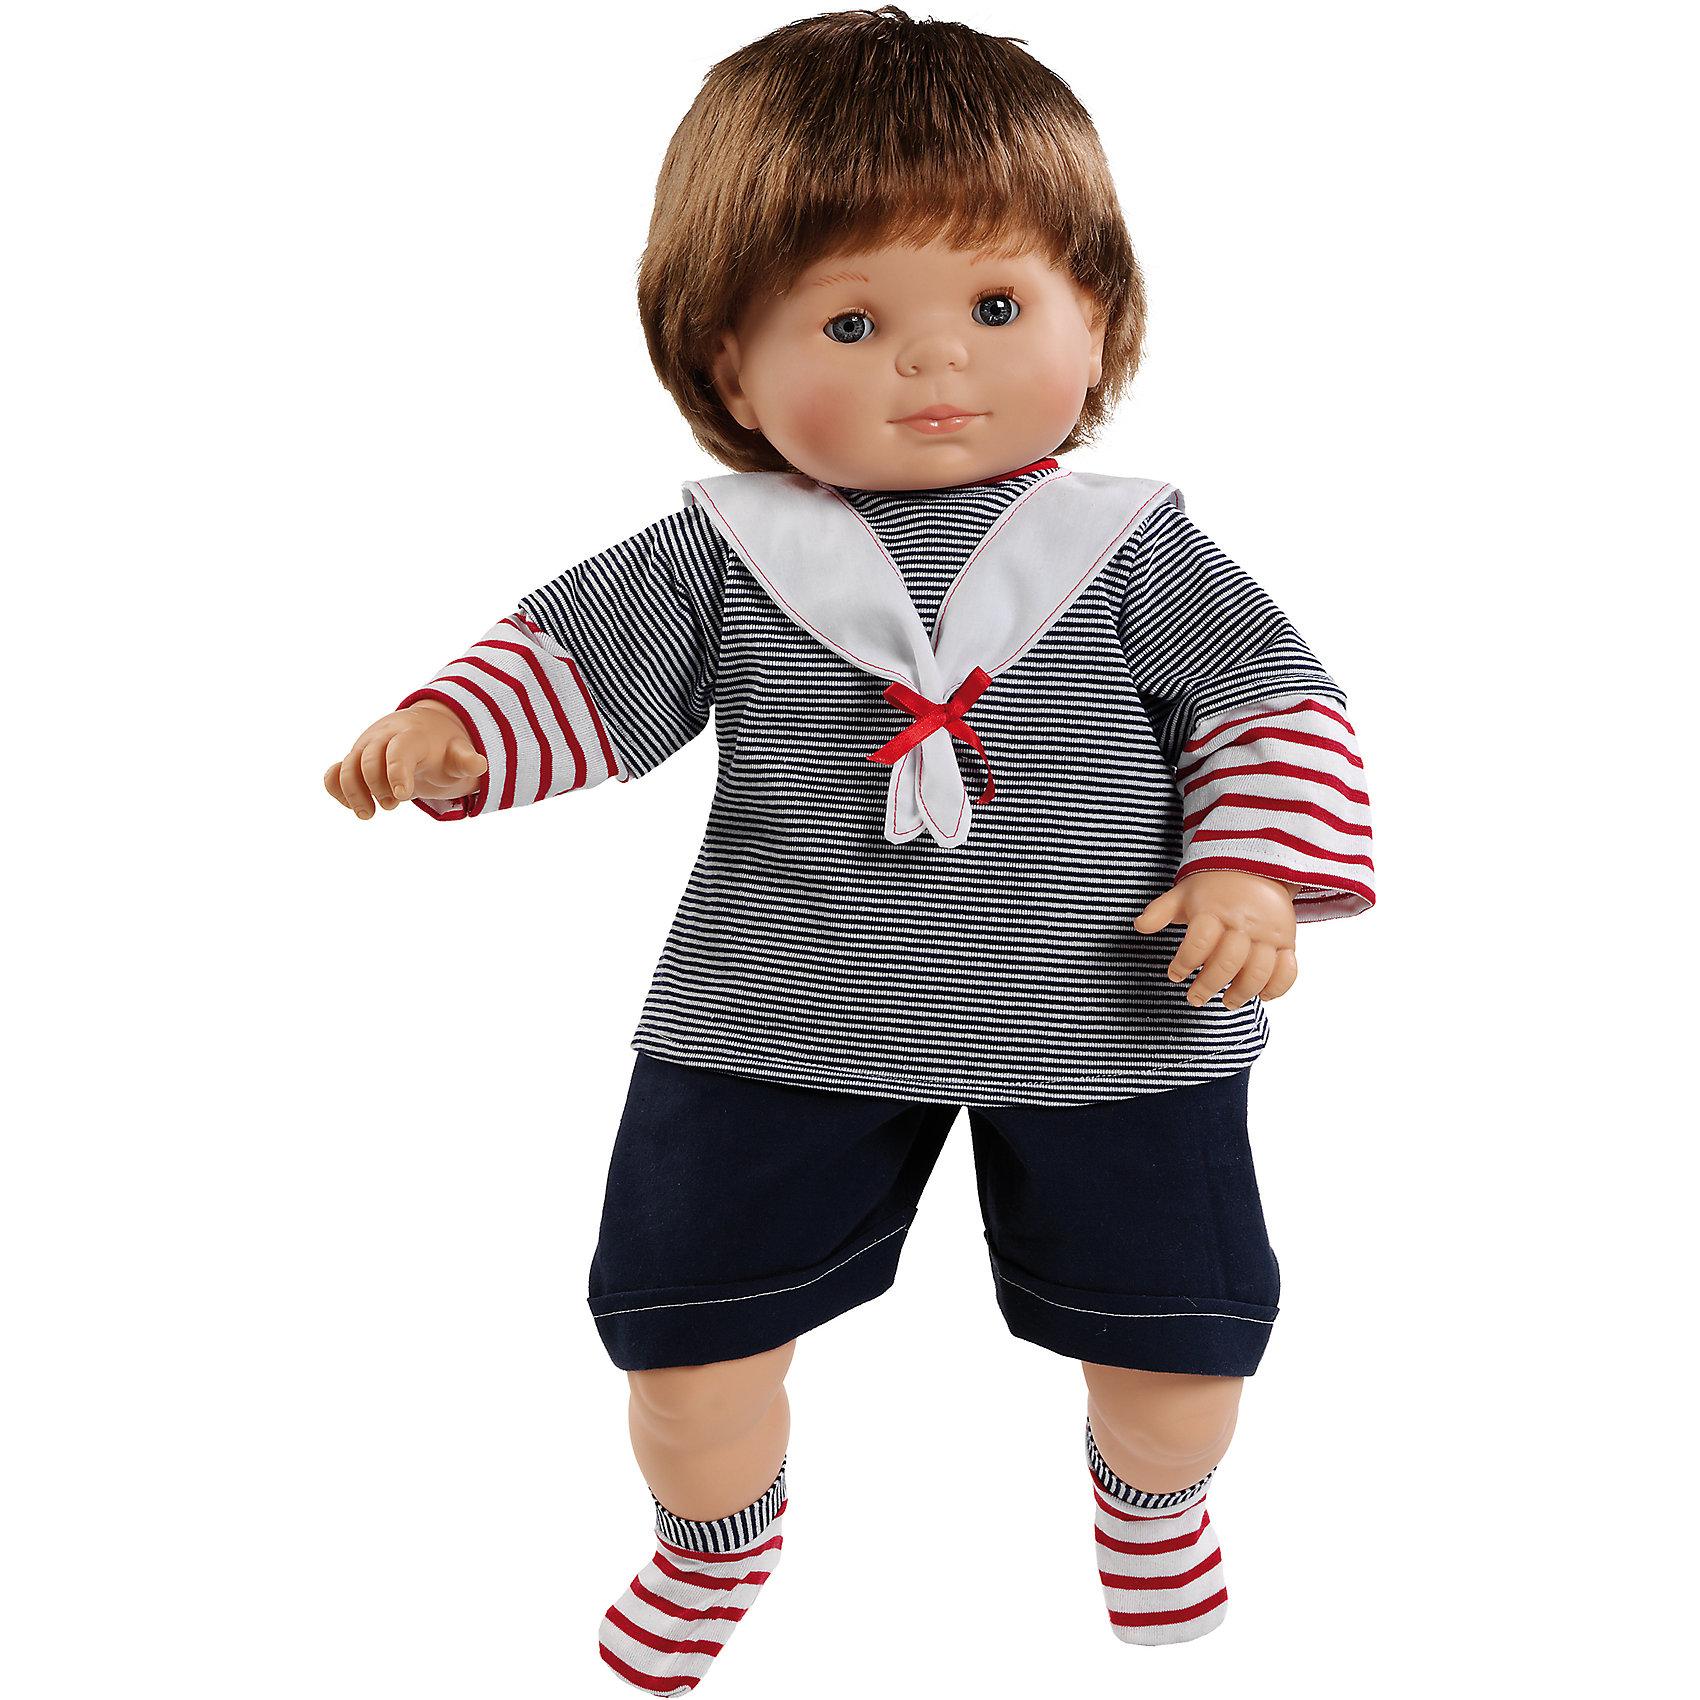 Paola Reina Кукла Маркос, 60см, Paola Reina paola reina кукла вики 47 см paola reina